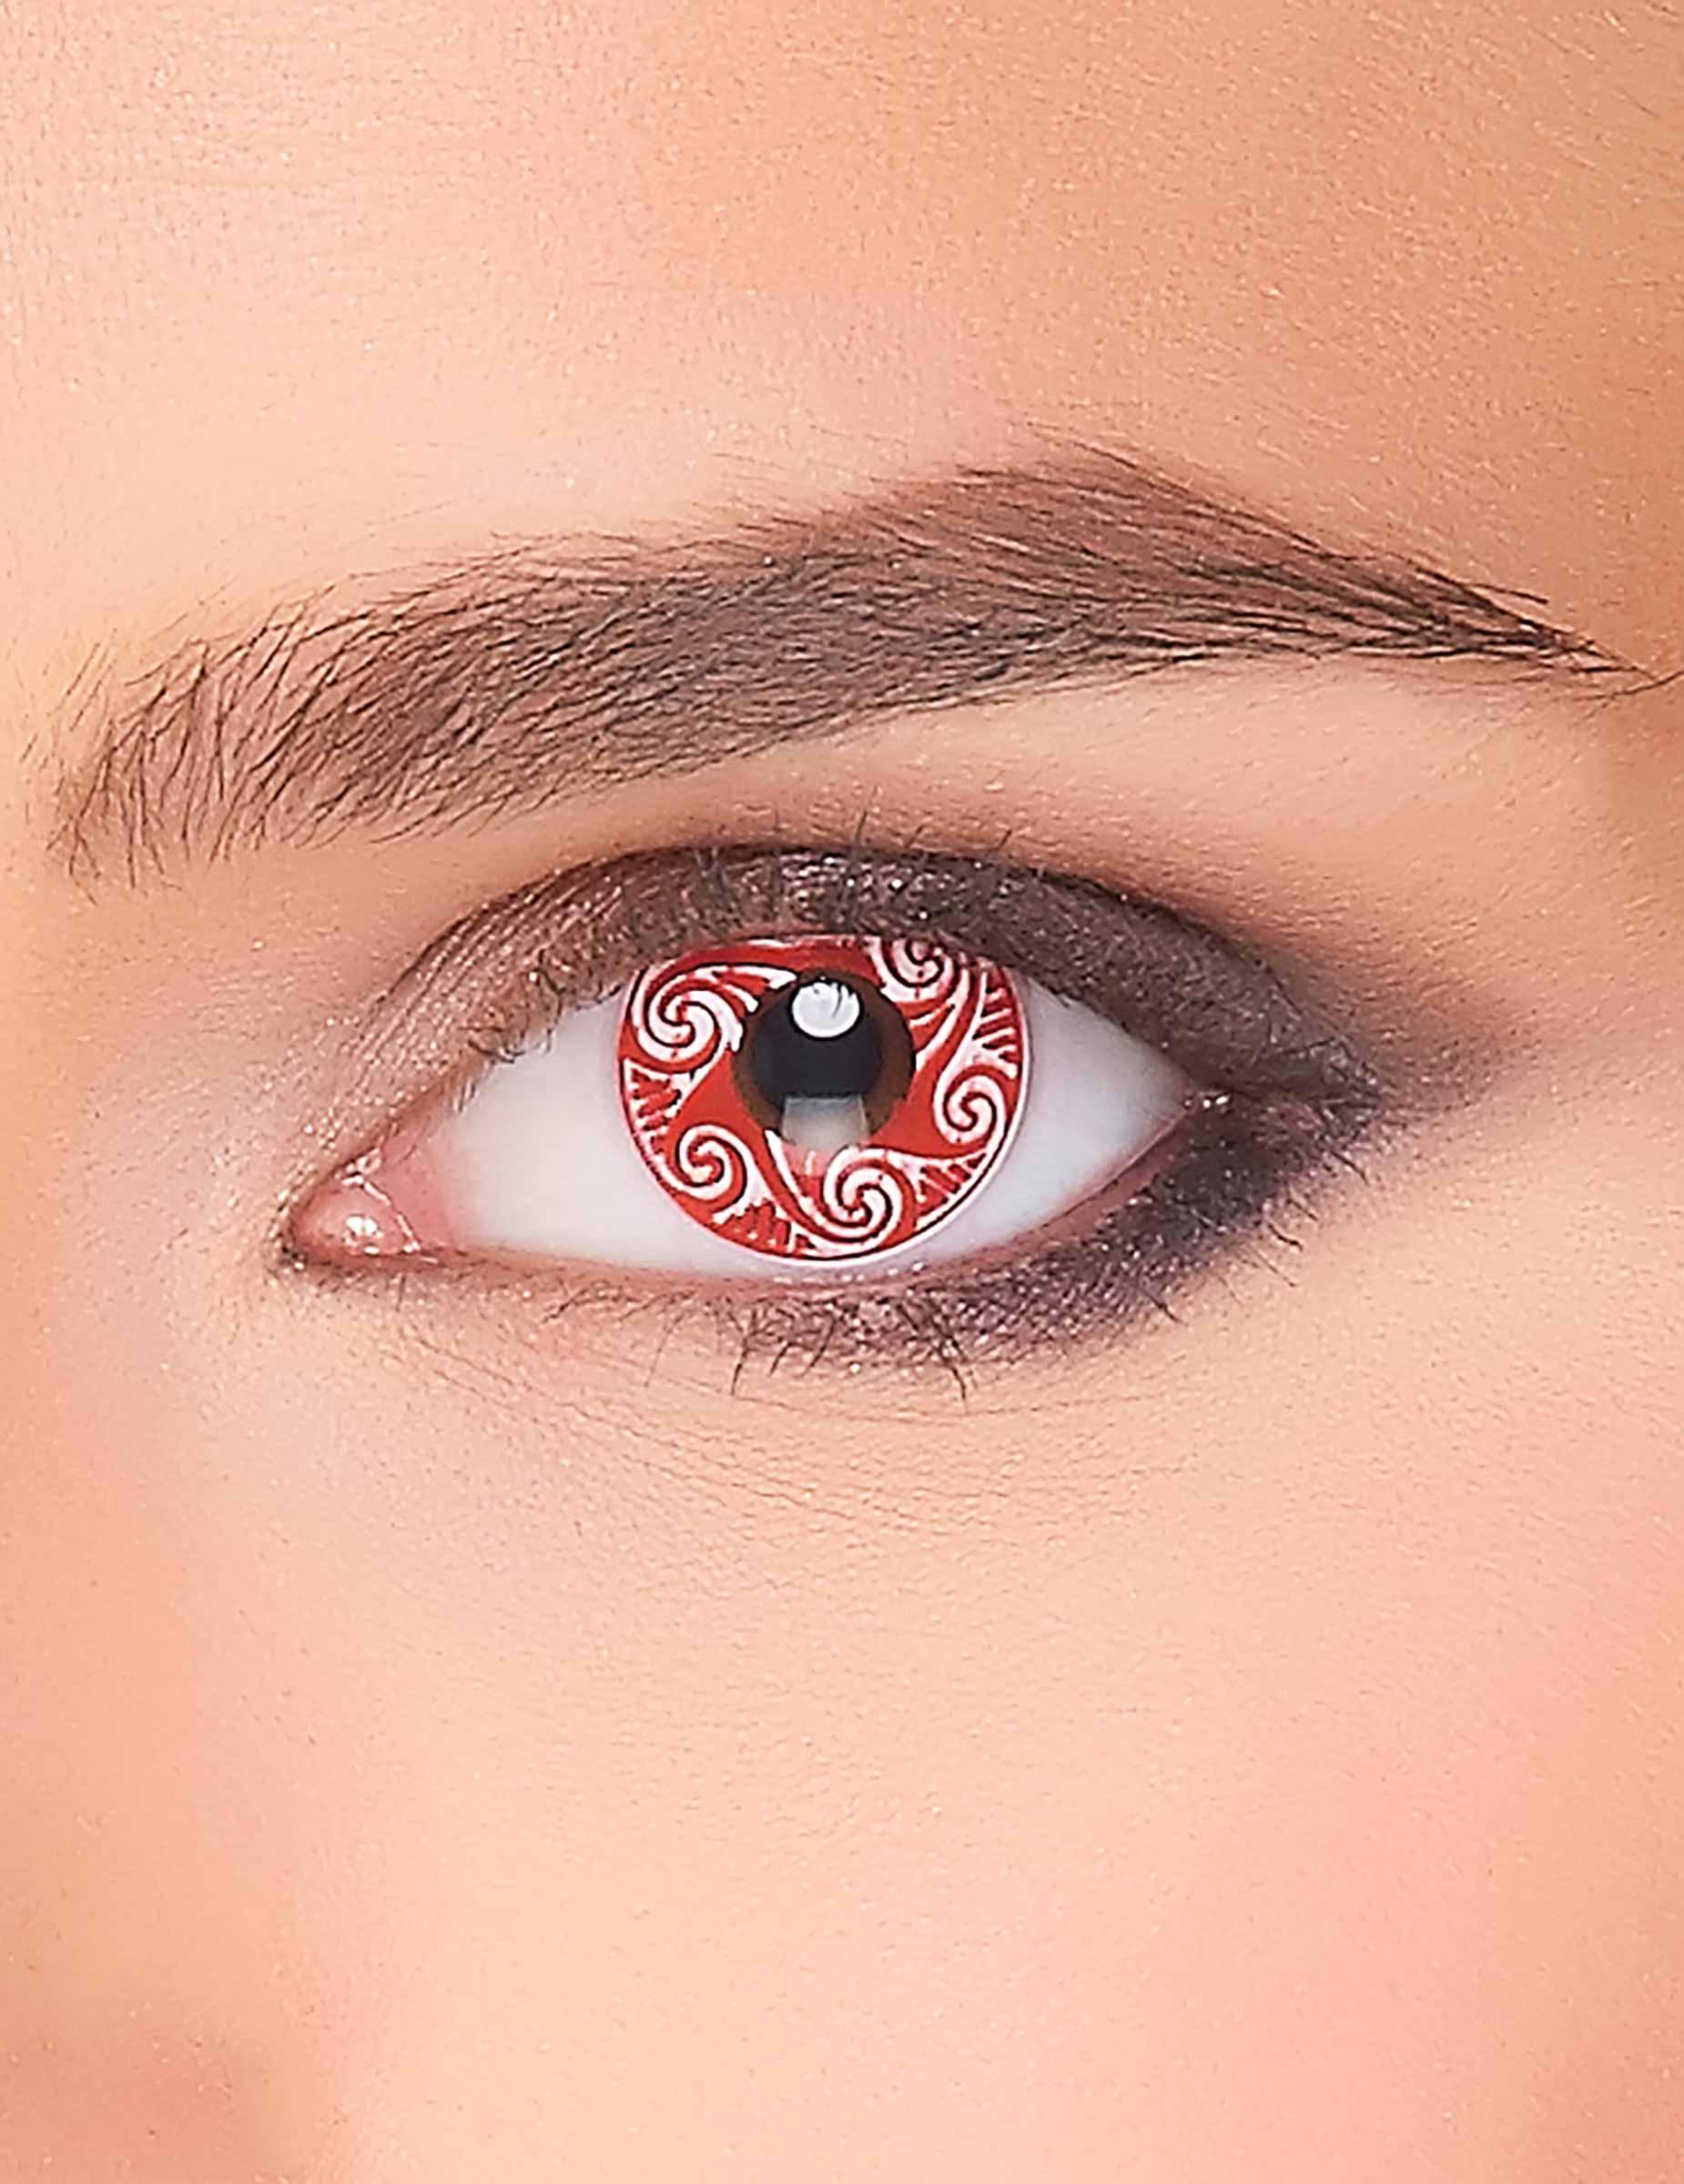 kontaktlinsen keltenmotiv rot schminke und g nstige. Black Bedroom Furniture Sets. Home Design Ideas